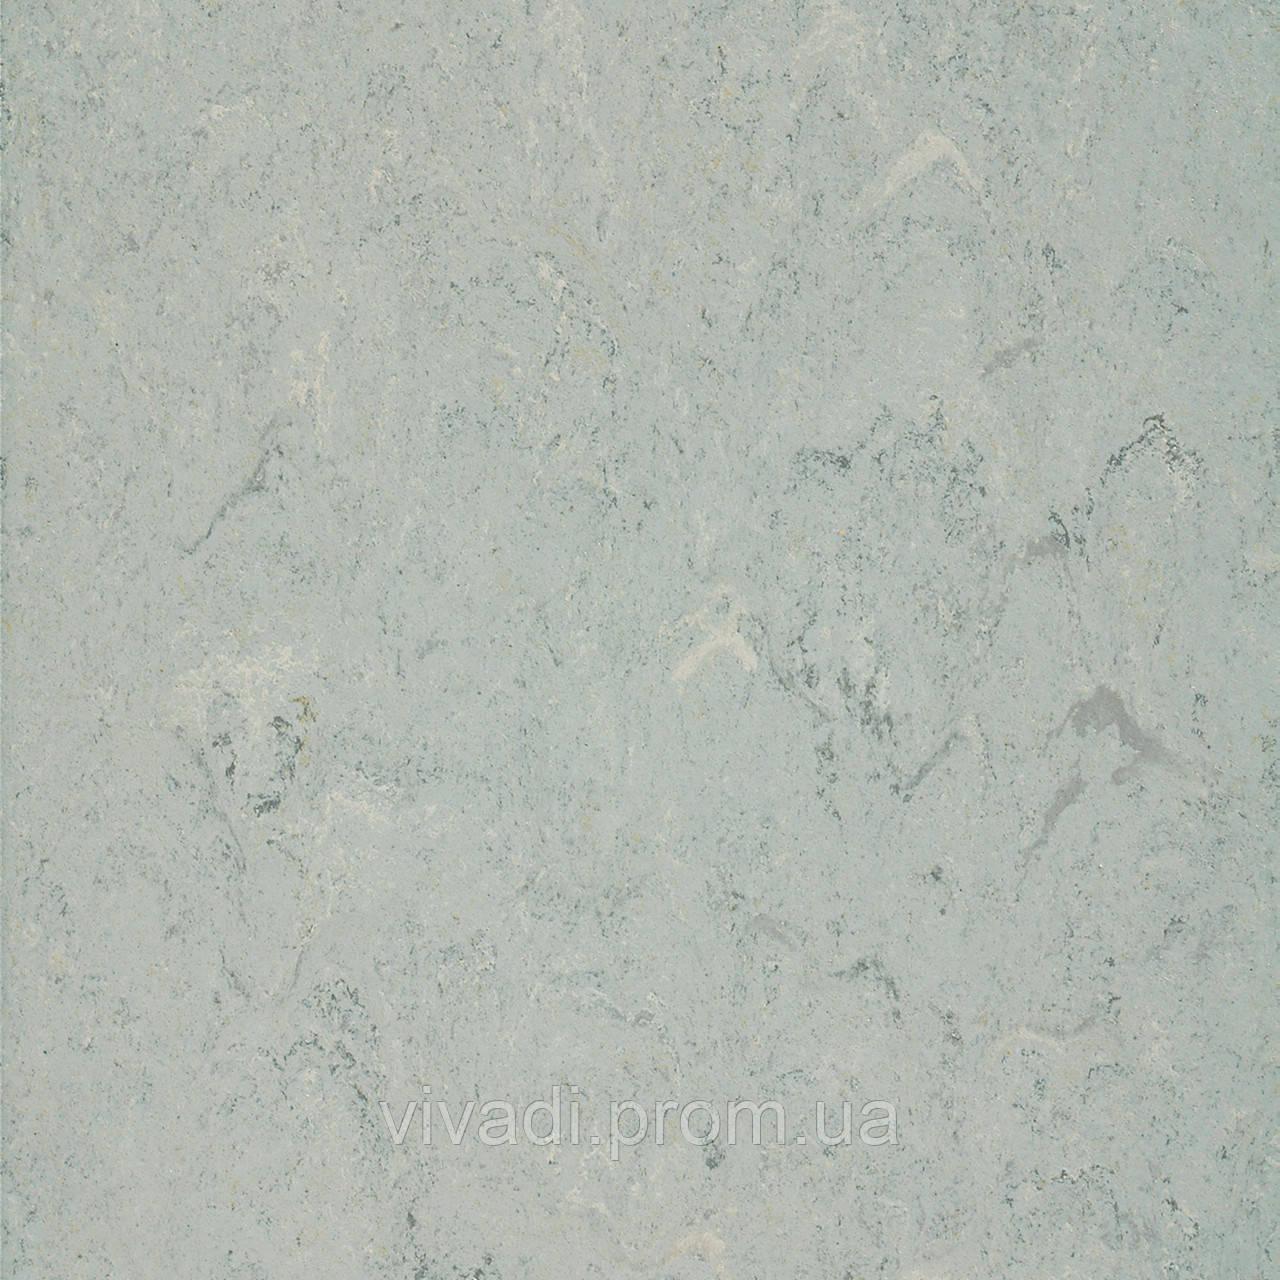 Натуральний лінолеум Marmorette PUR - колір 125-055